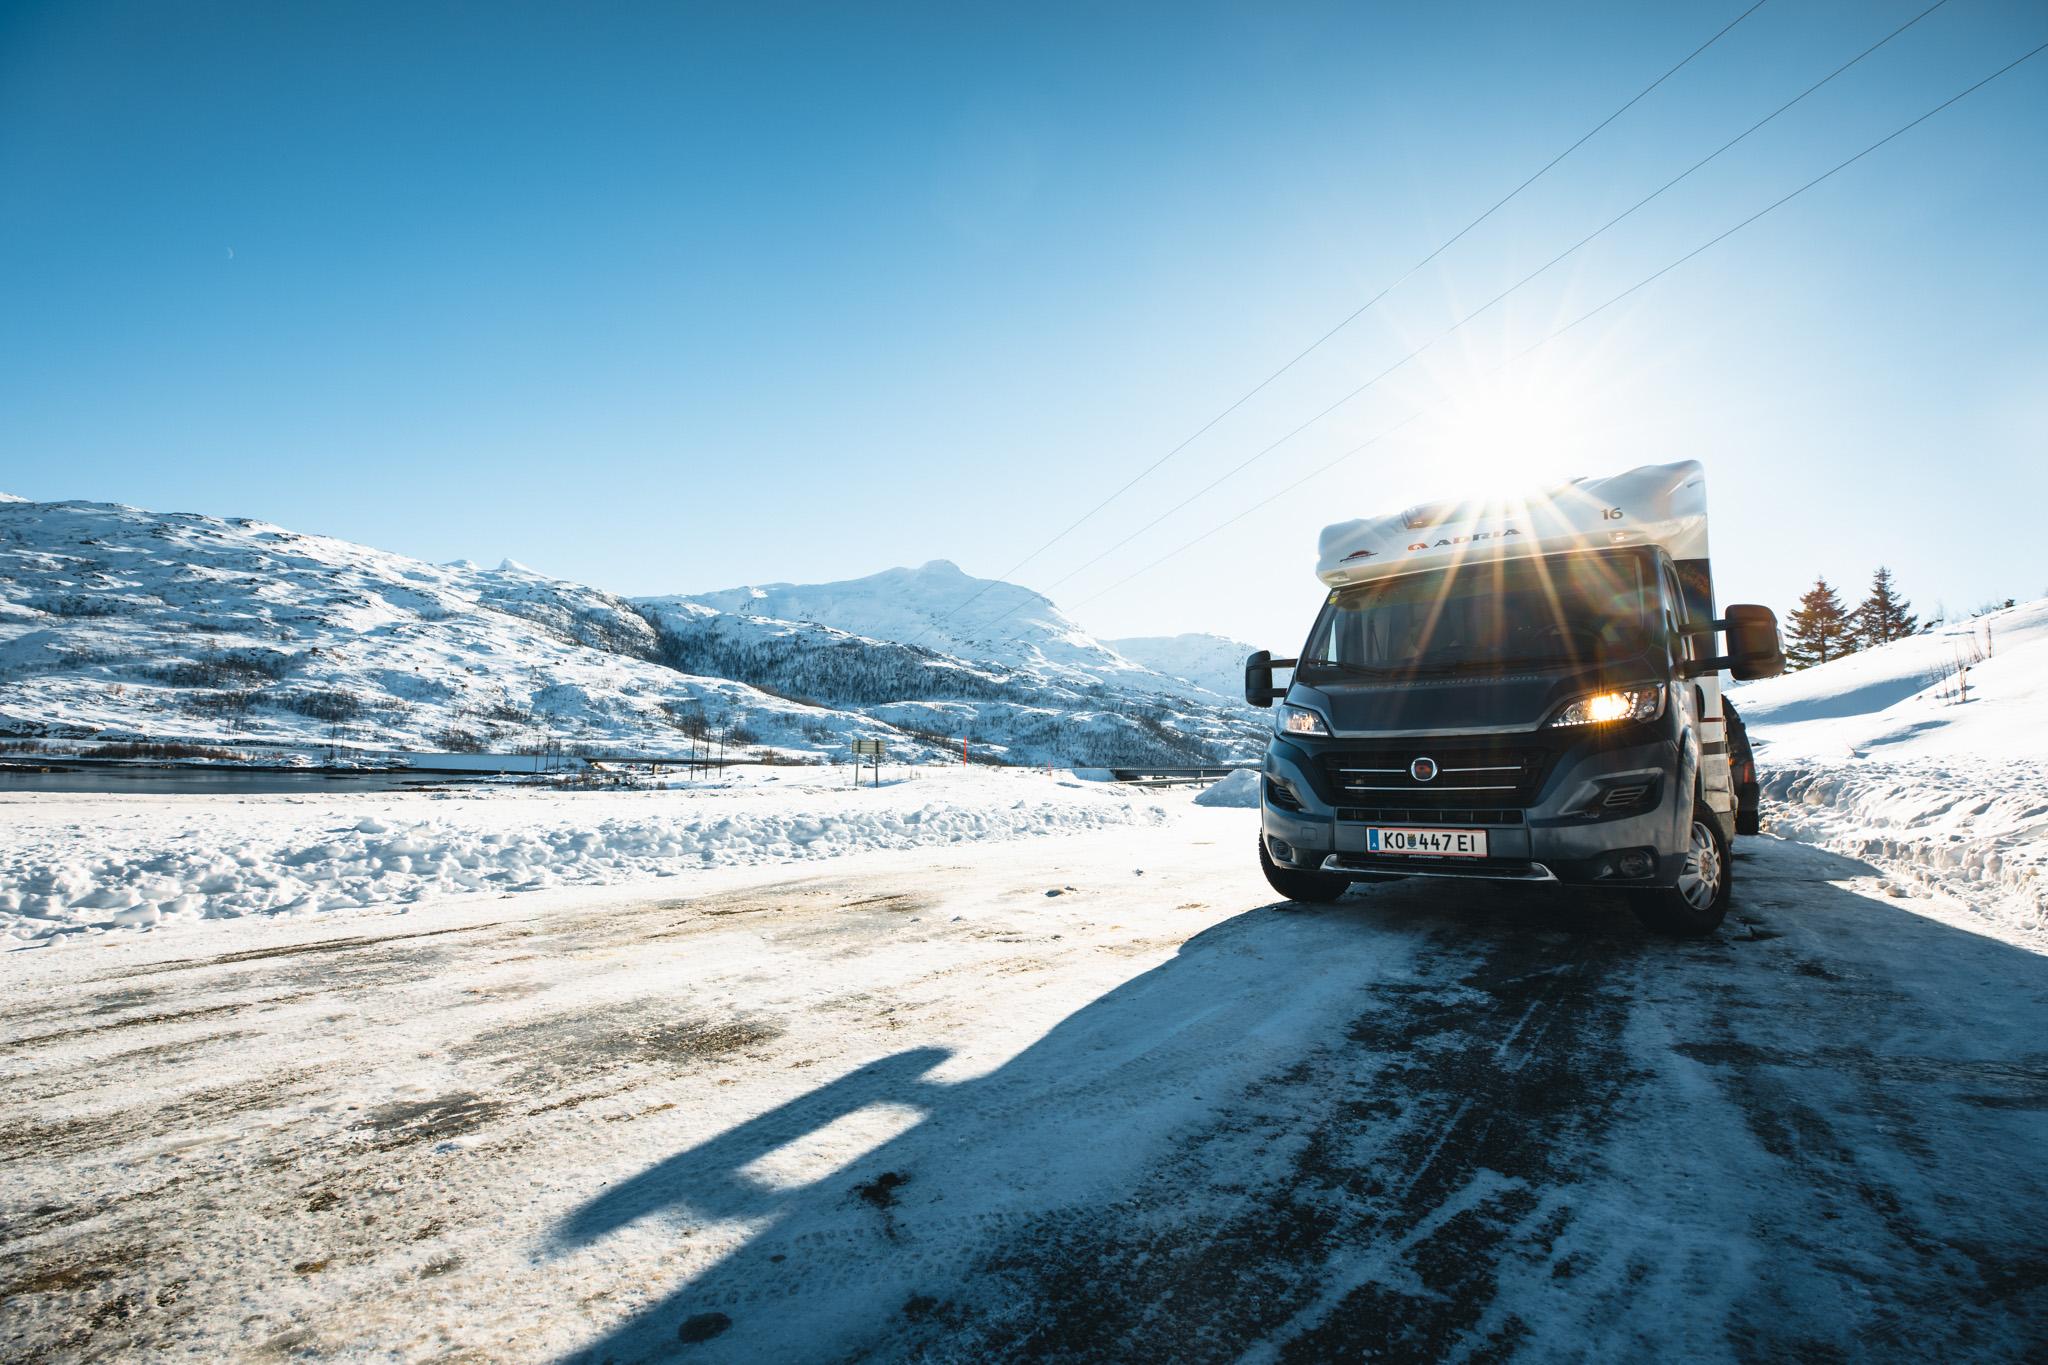 Adria-Wohnmobil-Norwegen-Lofoten-Morawetz-Winter